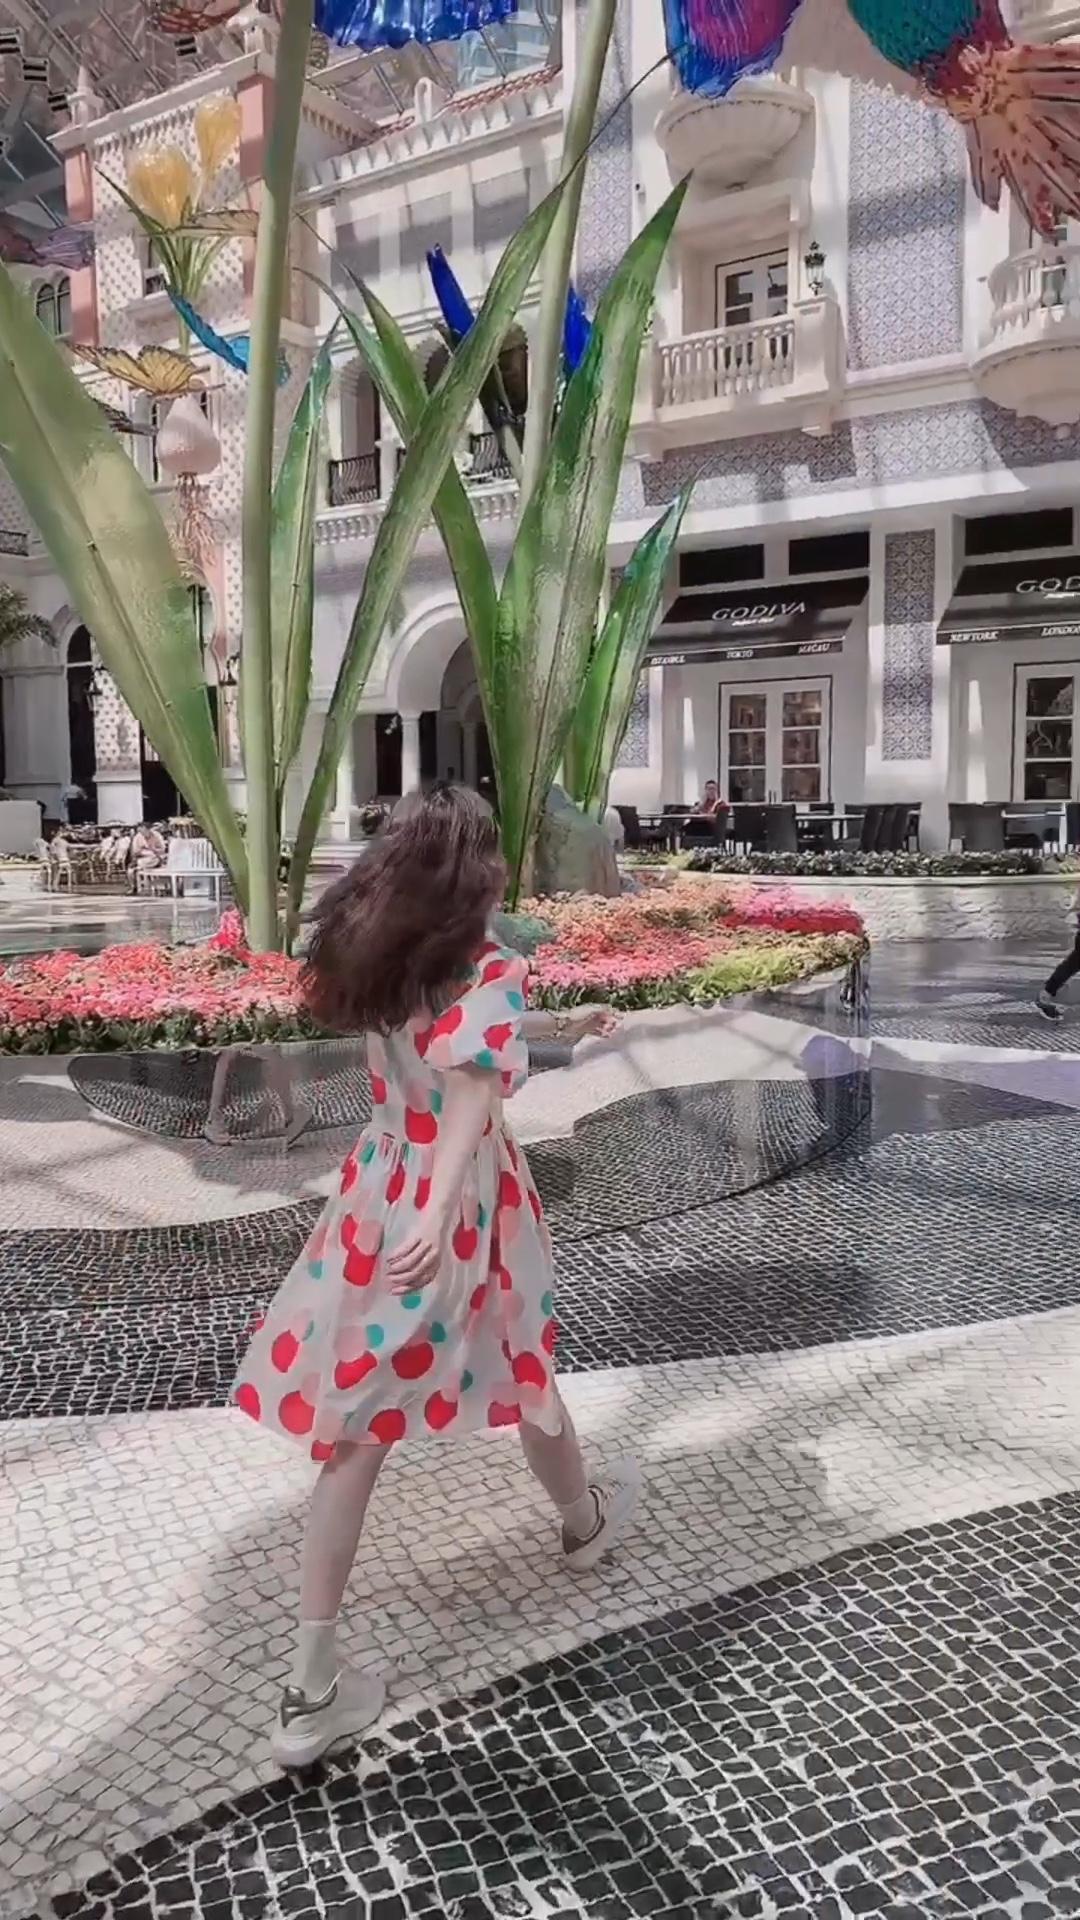 阿娇每日look|满满少女情怀的复古泡泡袖连衣裙 非常眼前一亮的裙子. 而且面料都什么都好透气舒服.  今年为什么流行这种复古的大泡泡袖? 因为显头小啊! 头小了,比例就好,腿自然就长了. #炎夏宜恋爱,穿衣宜裙纸~#